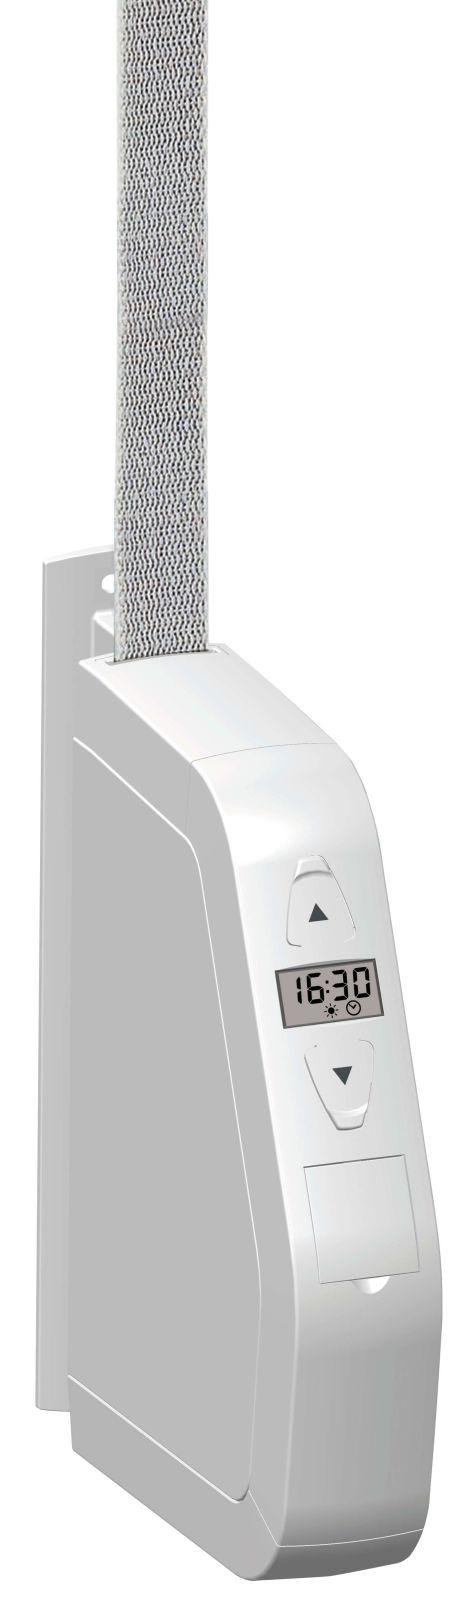 Superrollo Rolladen-Schwenkwickler GW240 für 23 mm Gurt-Breite | Gurtwickler für 5 m² Rolladen